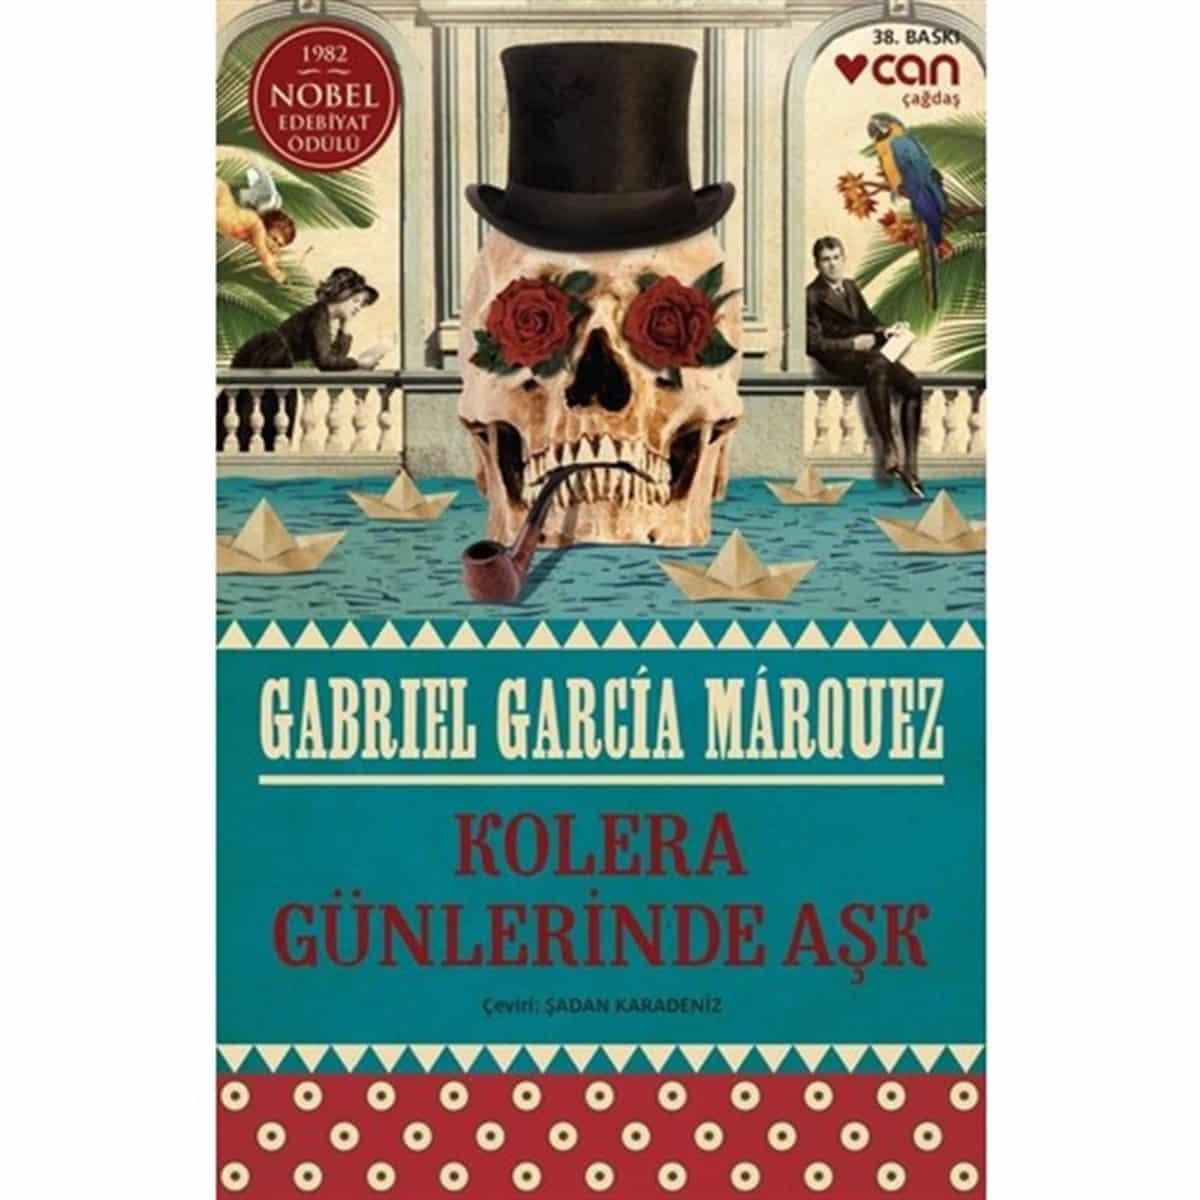 Gabriel Garcia Marquez - Kolera Günlerinde Aşk